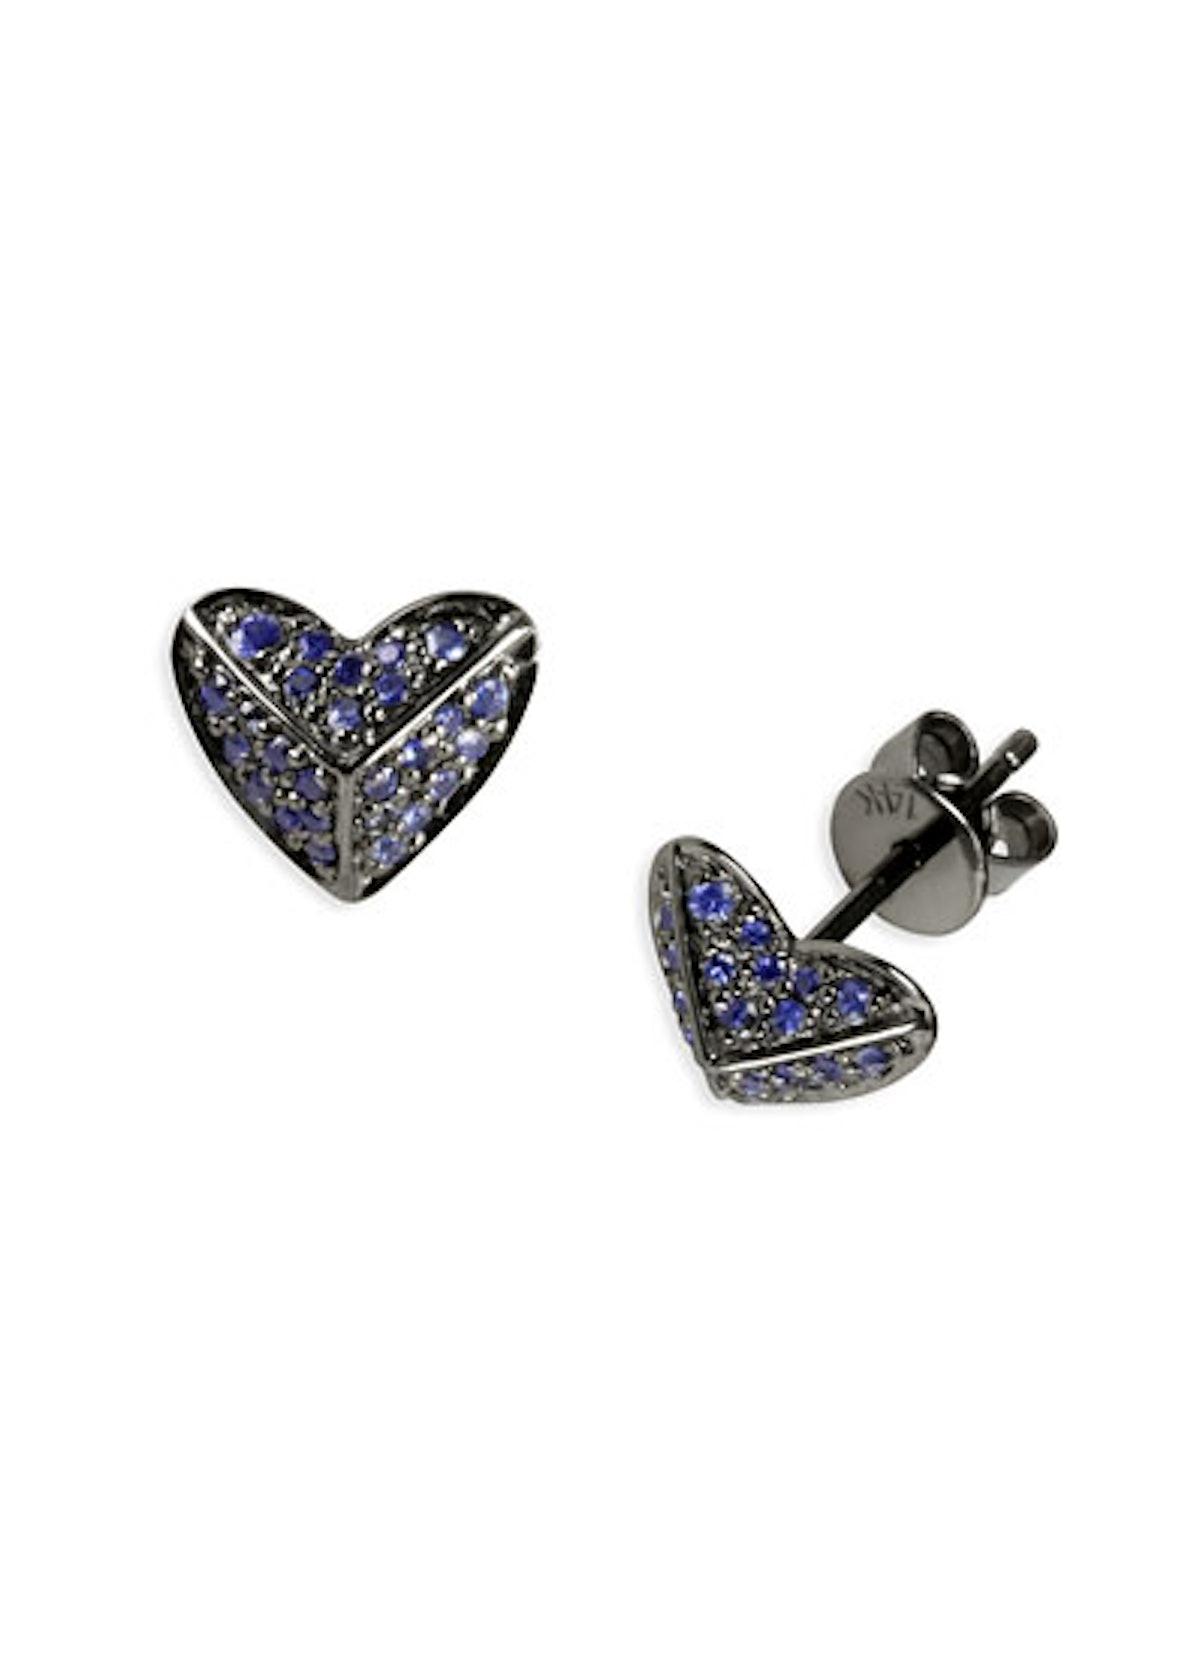 acss-heart-shaped-jewelry-04-v.jpg